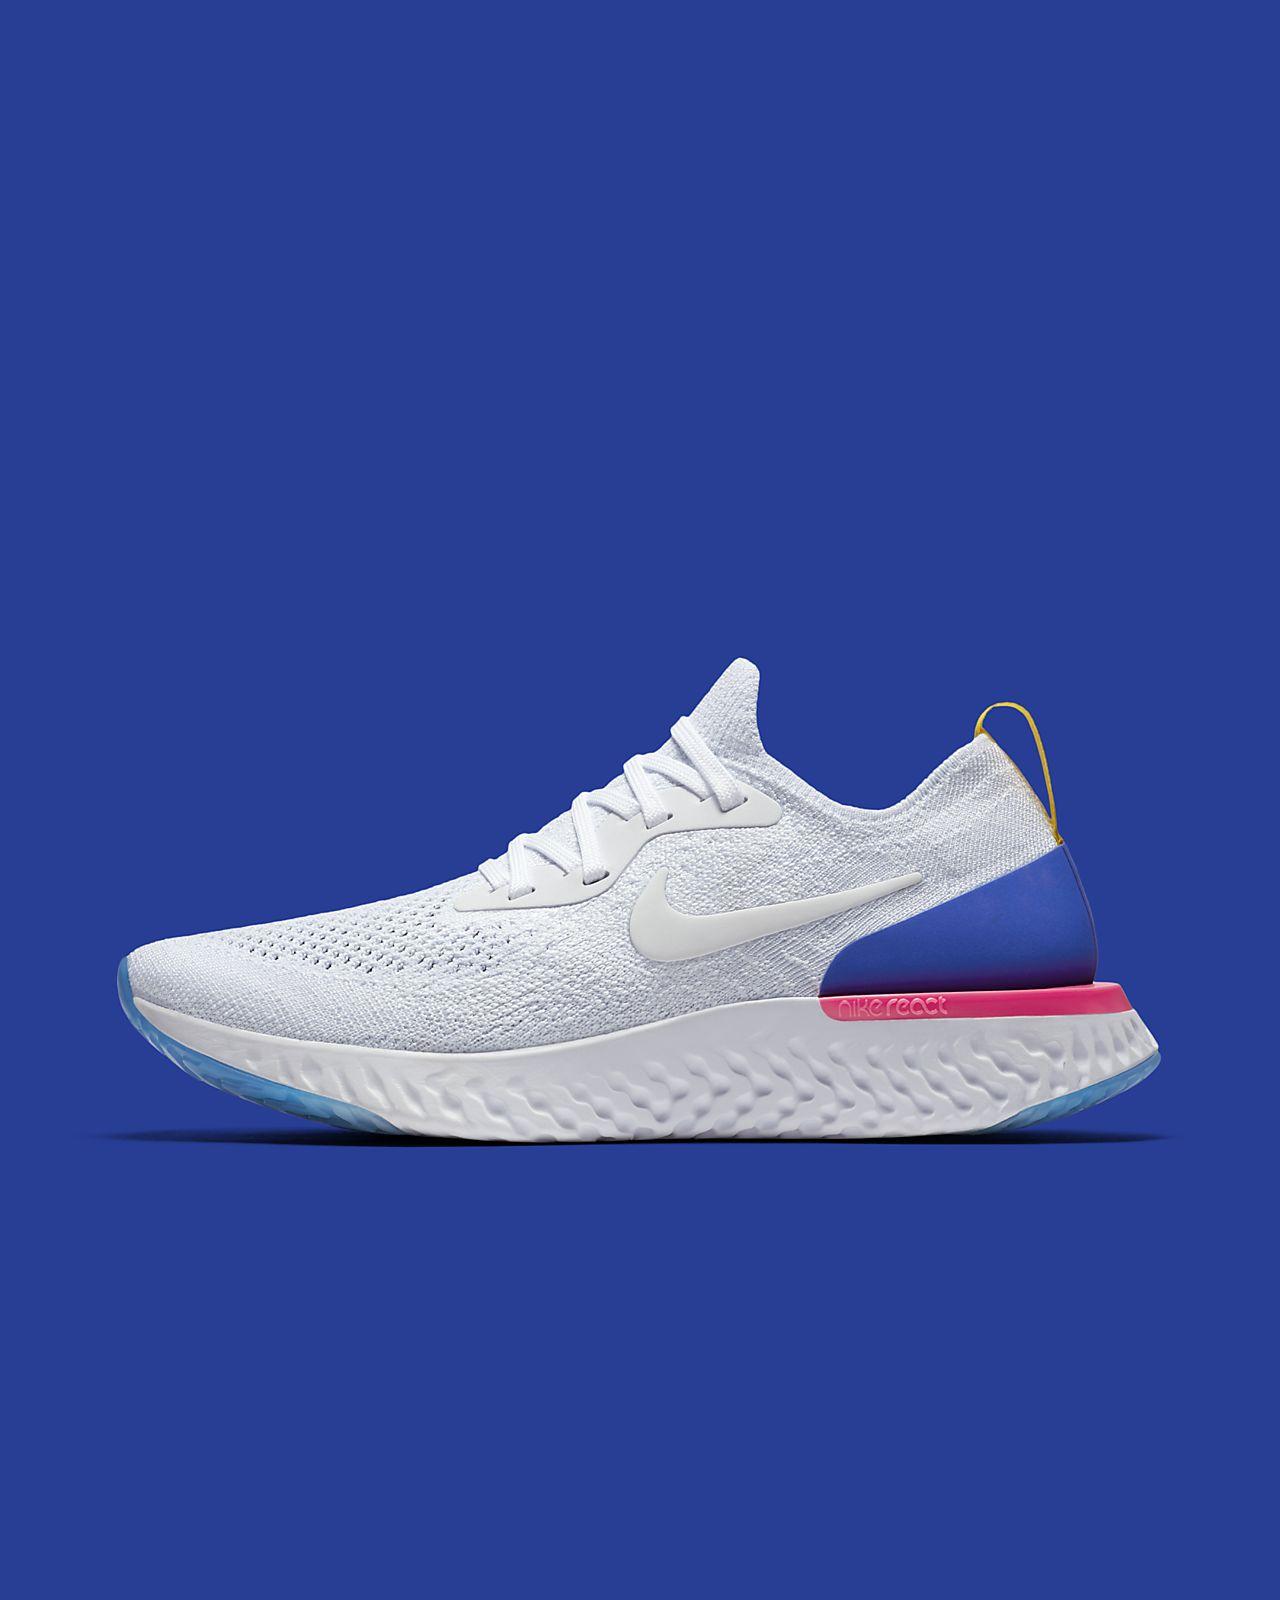 3e4c35898afe92 Nike Epic React Flyknit Women s Running Shoe. Nike.com NO